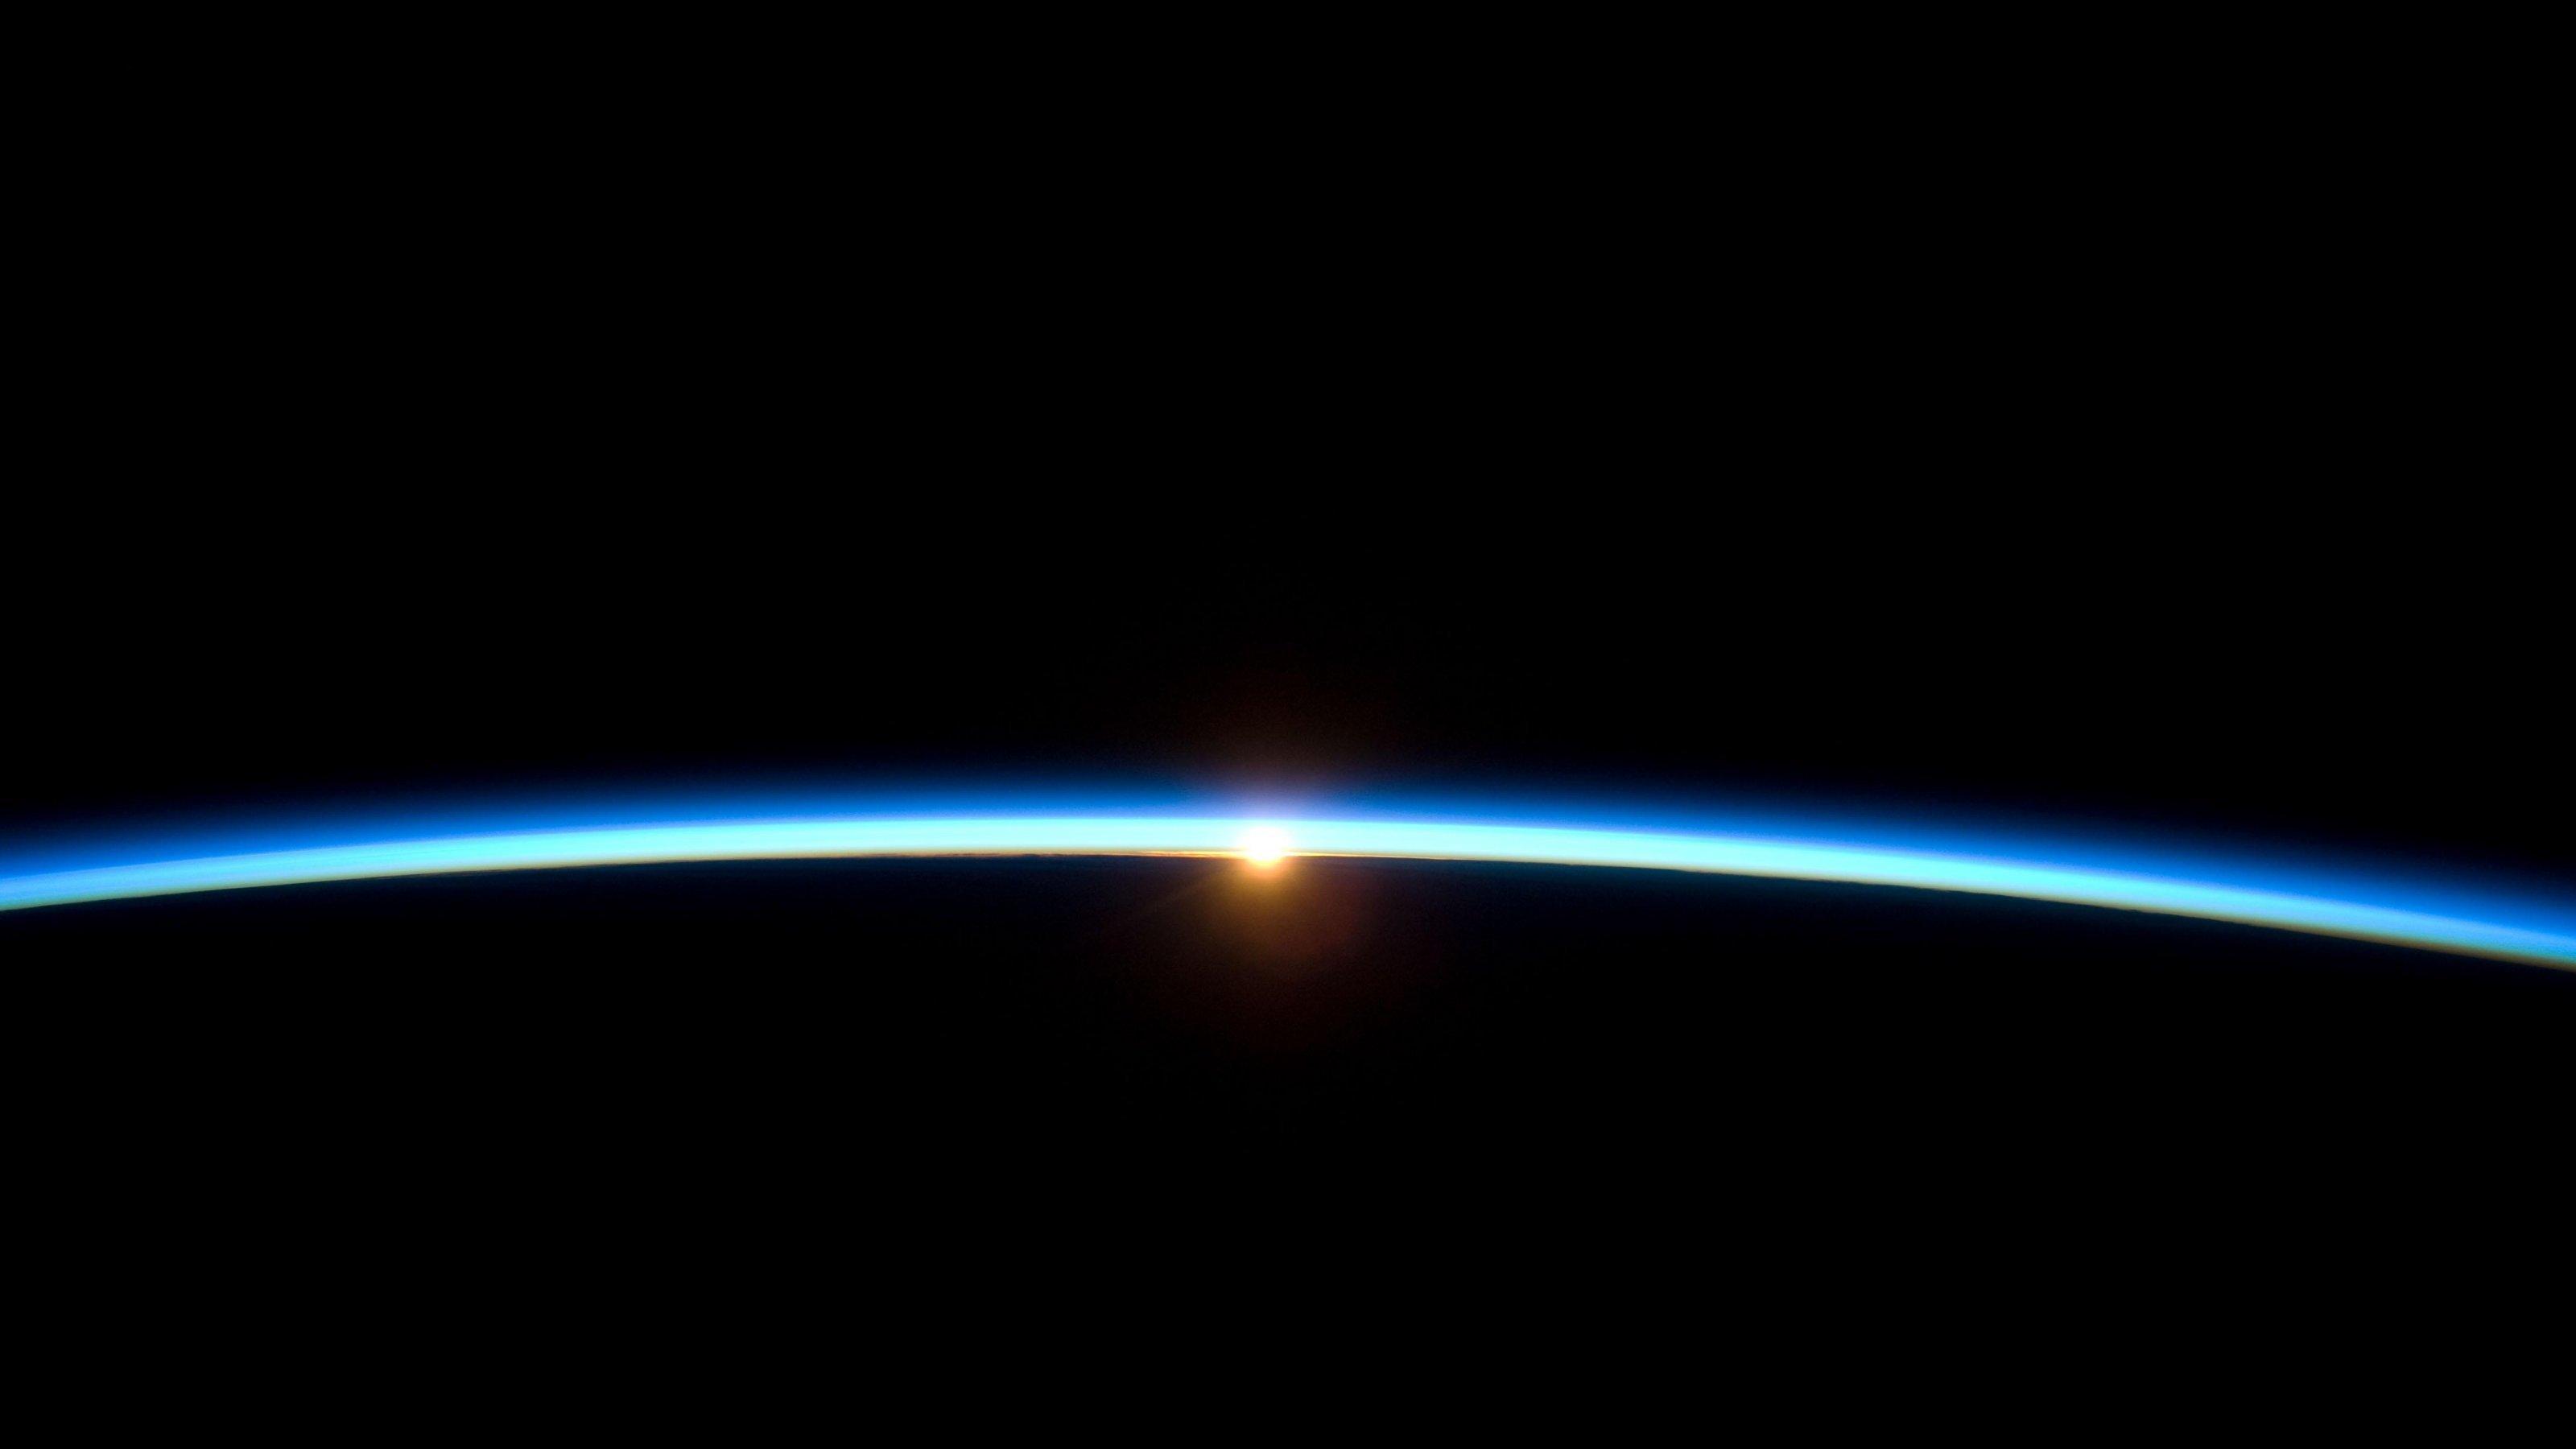 Aufnahme des Sonnenaufgangs aus großer Höhe. Ein heller Streifen schiebt sich über den ründlichen Horizont.